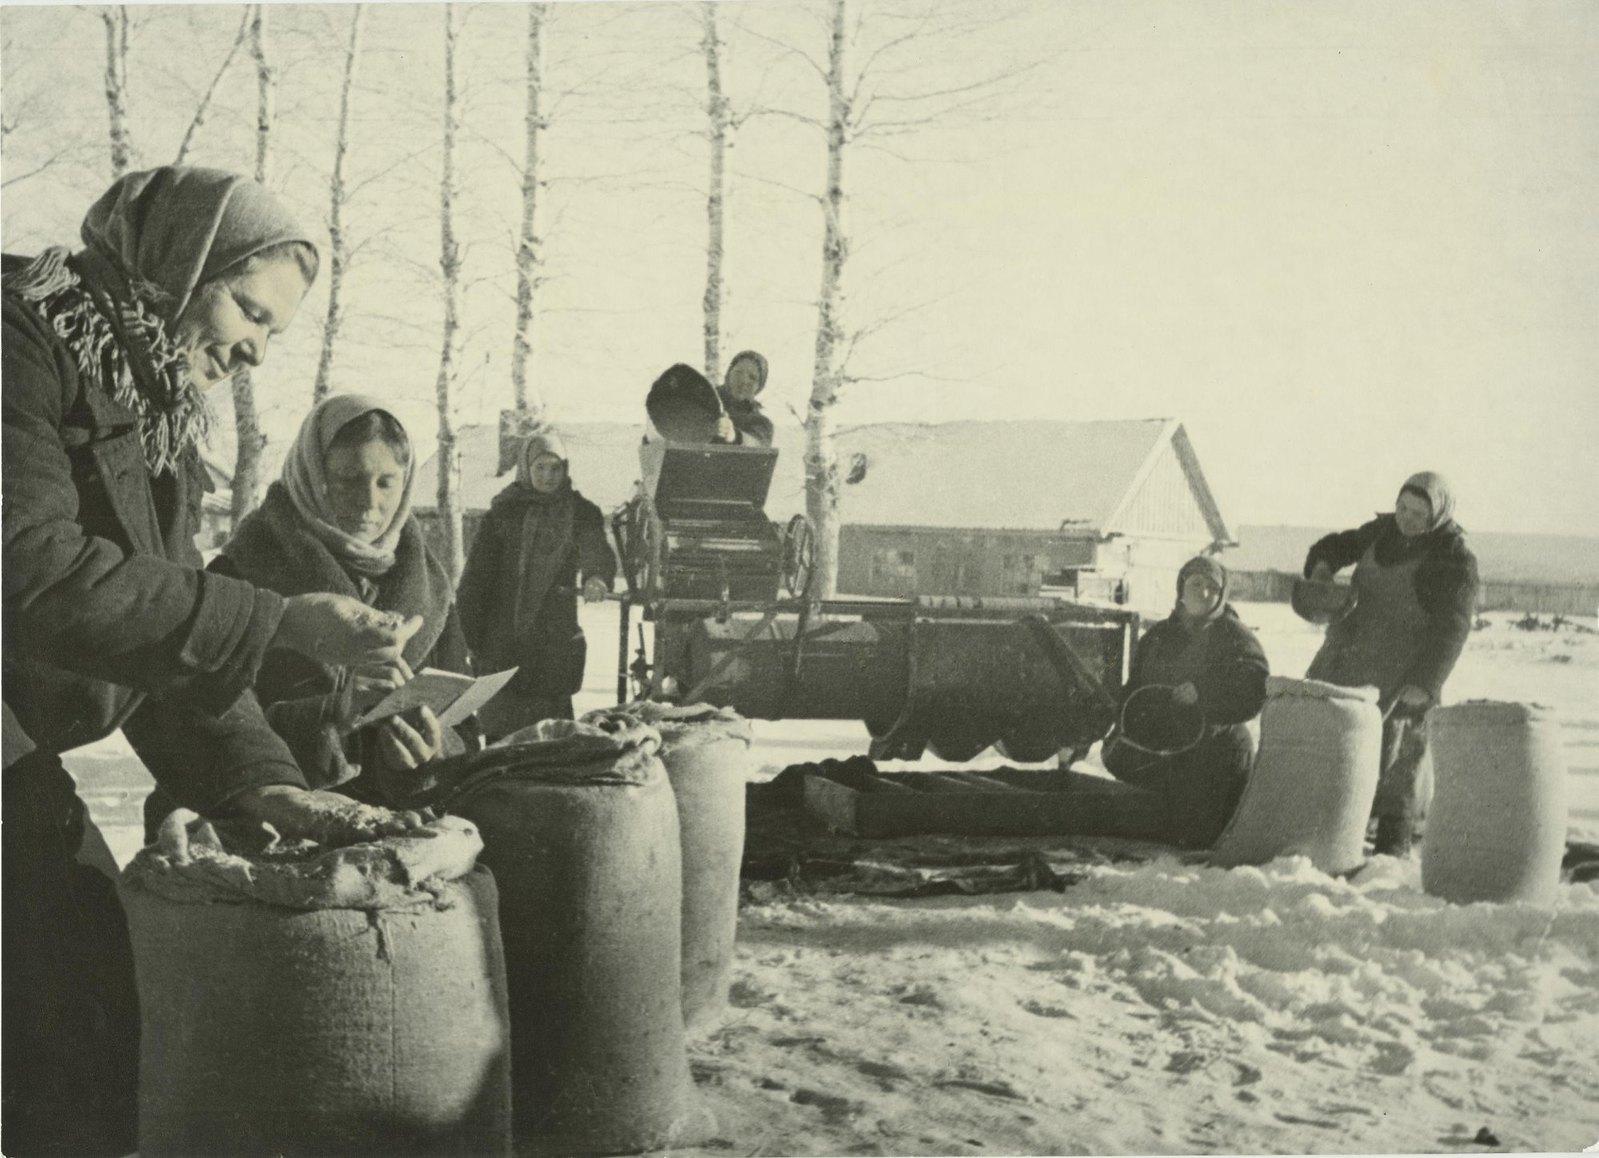 1941. Сельское хозяйство в годы войны. Сортировка семян